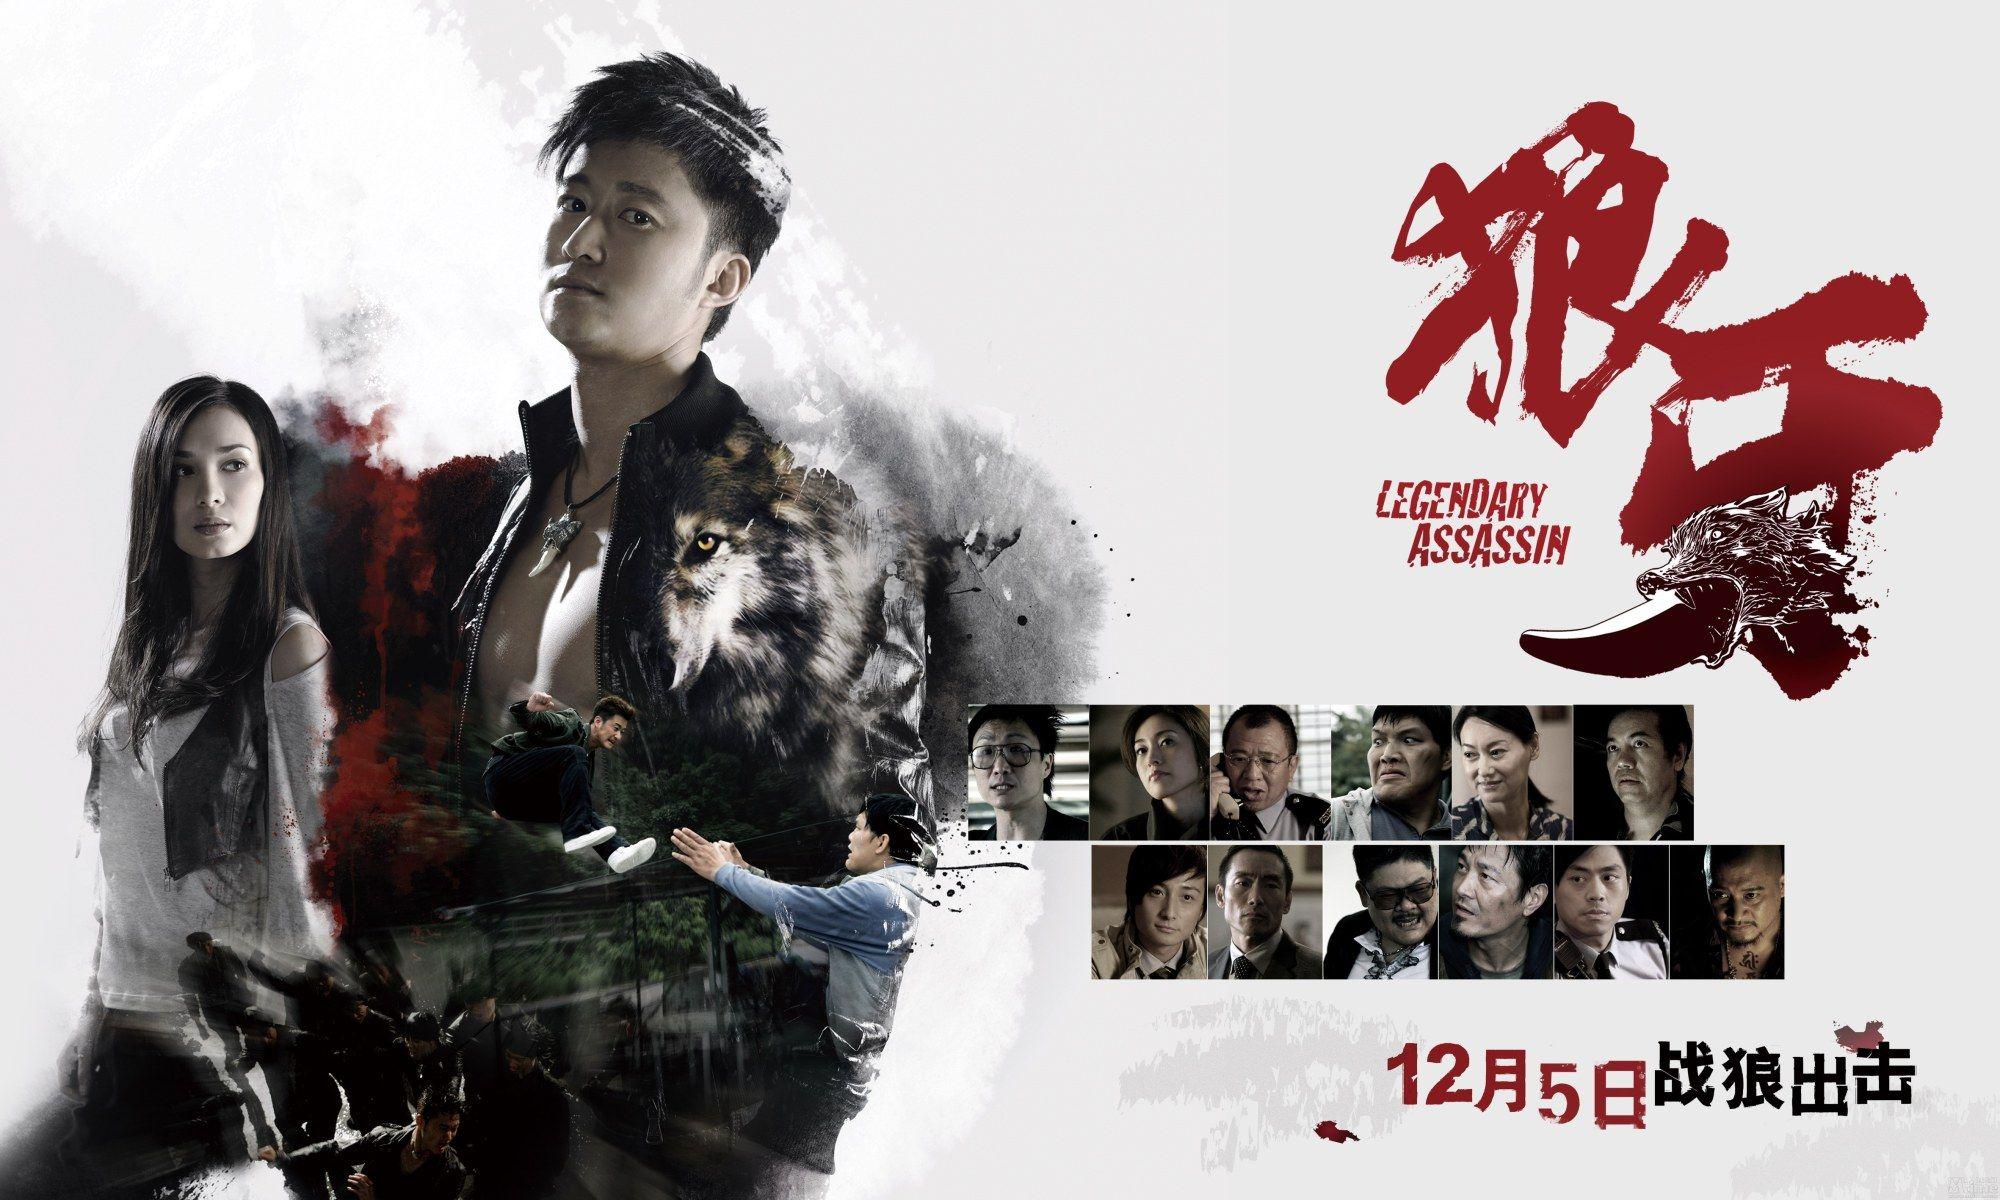 legendary assassin full movie 123movies